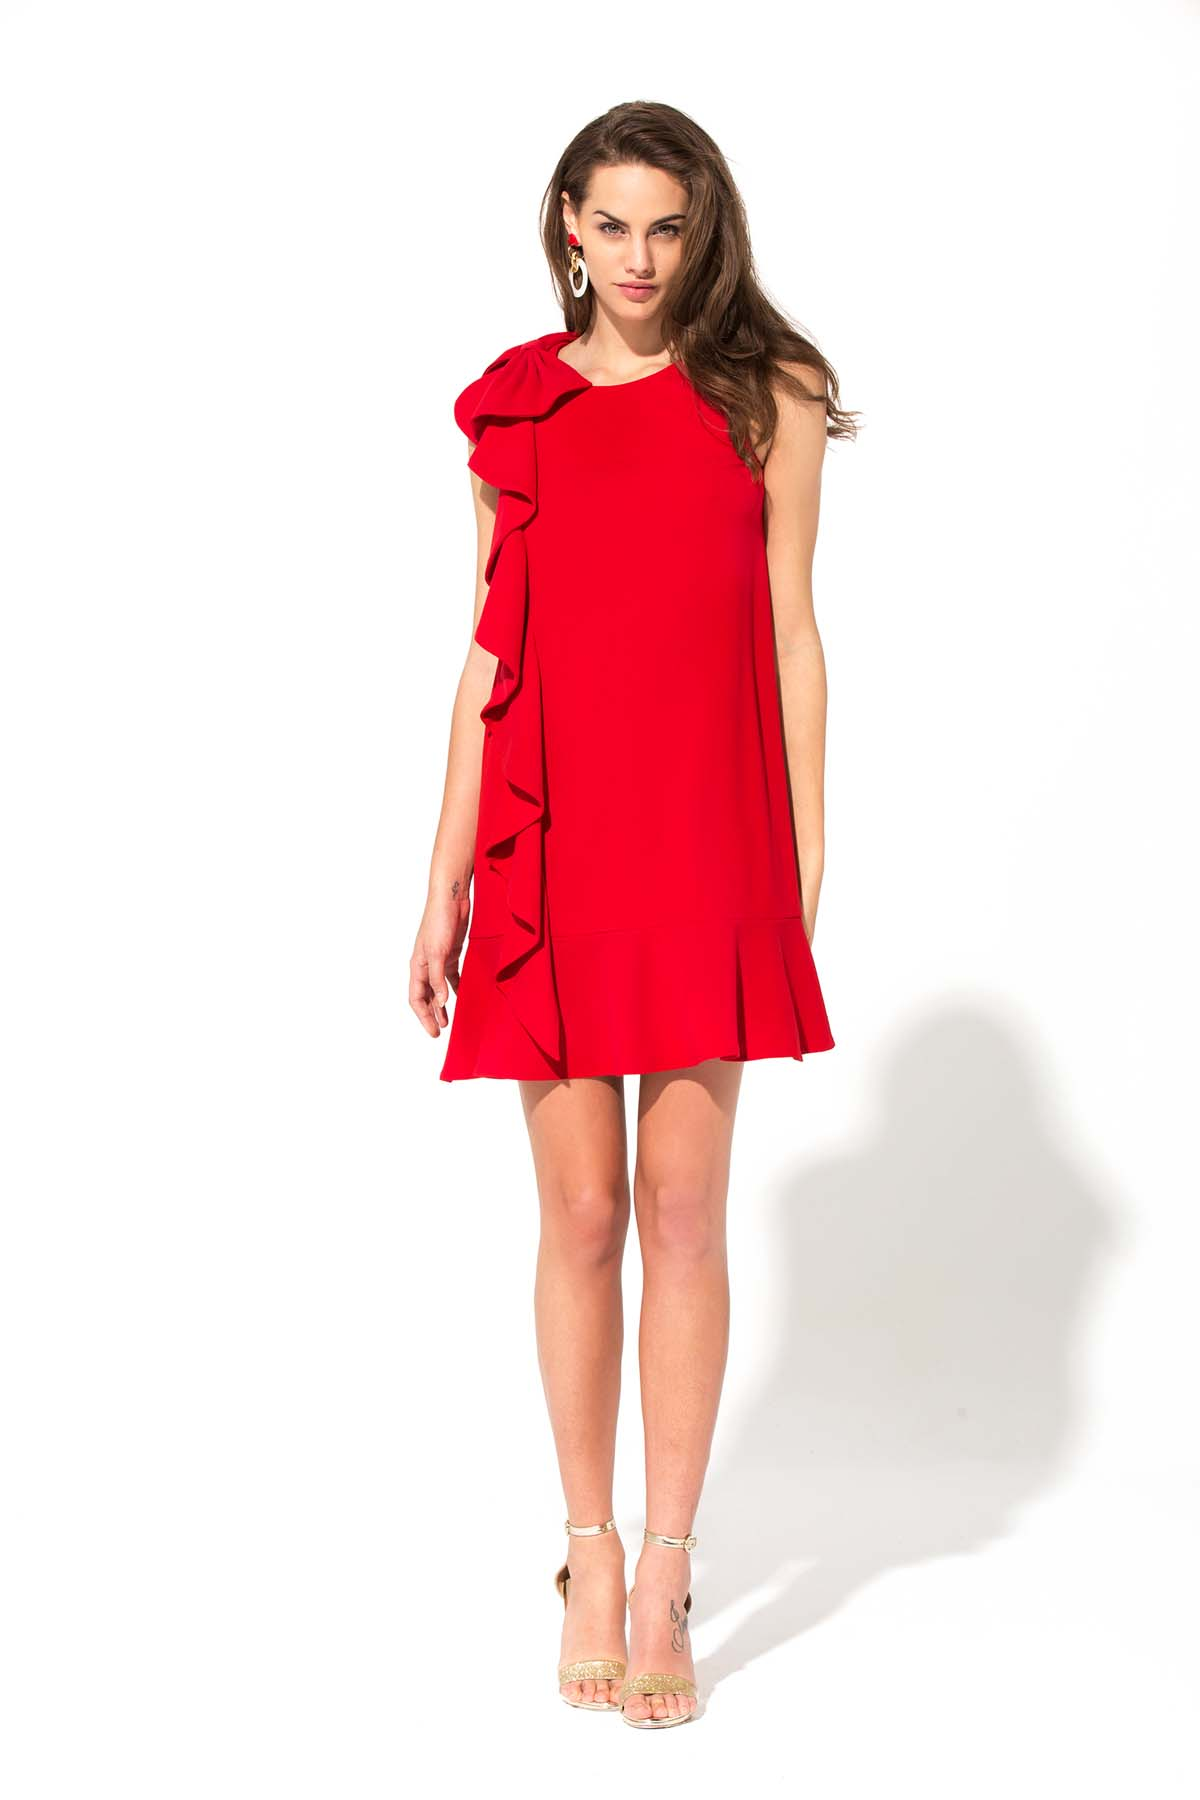 Vestido ma petite robe rouge